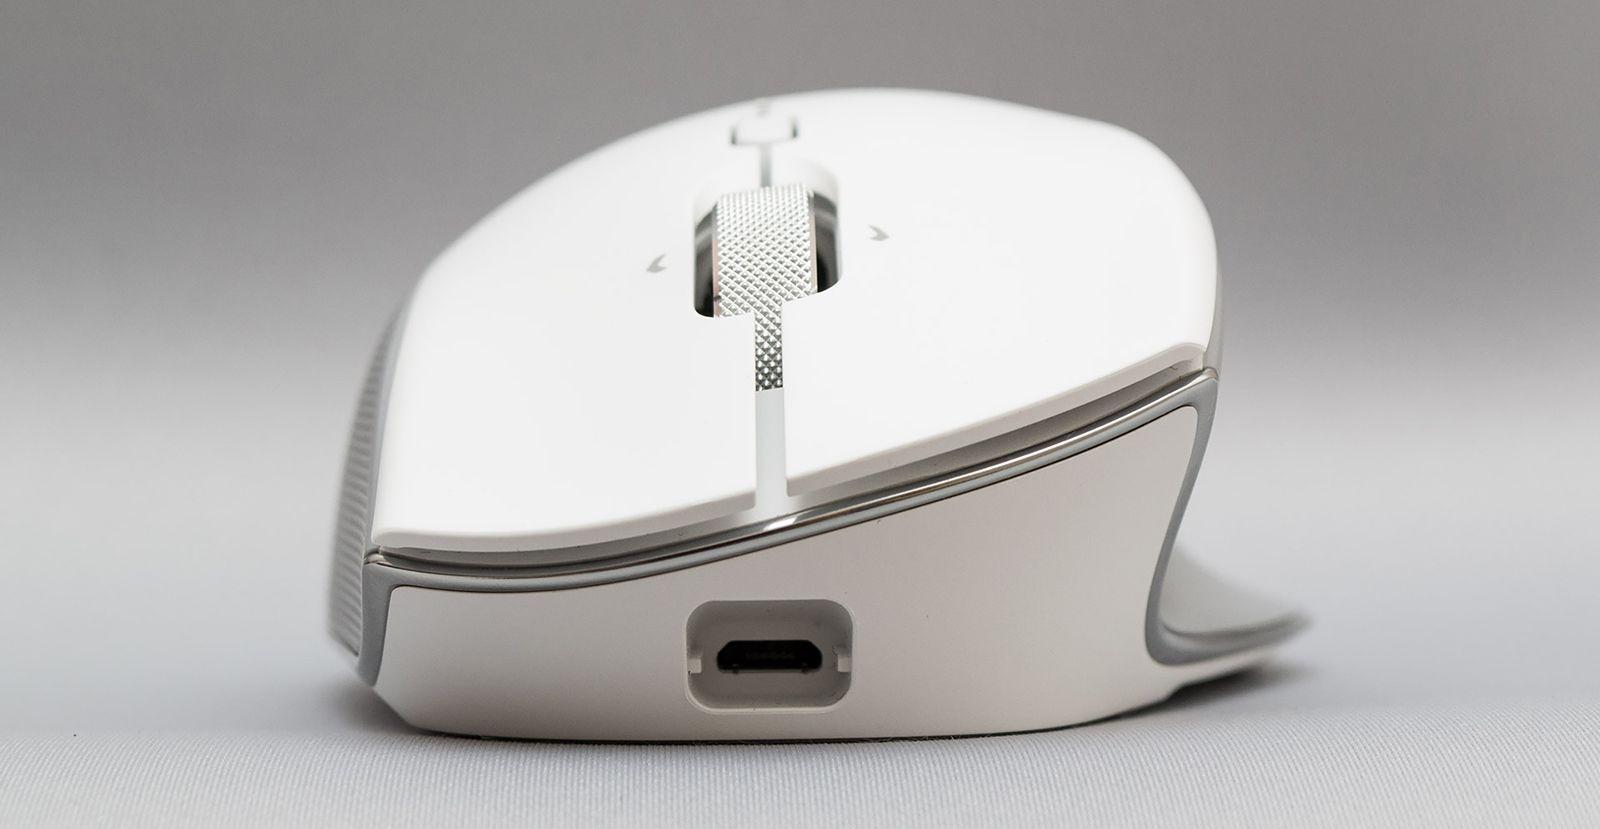 Мышка Razer Pro Click. Фото 29